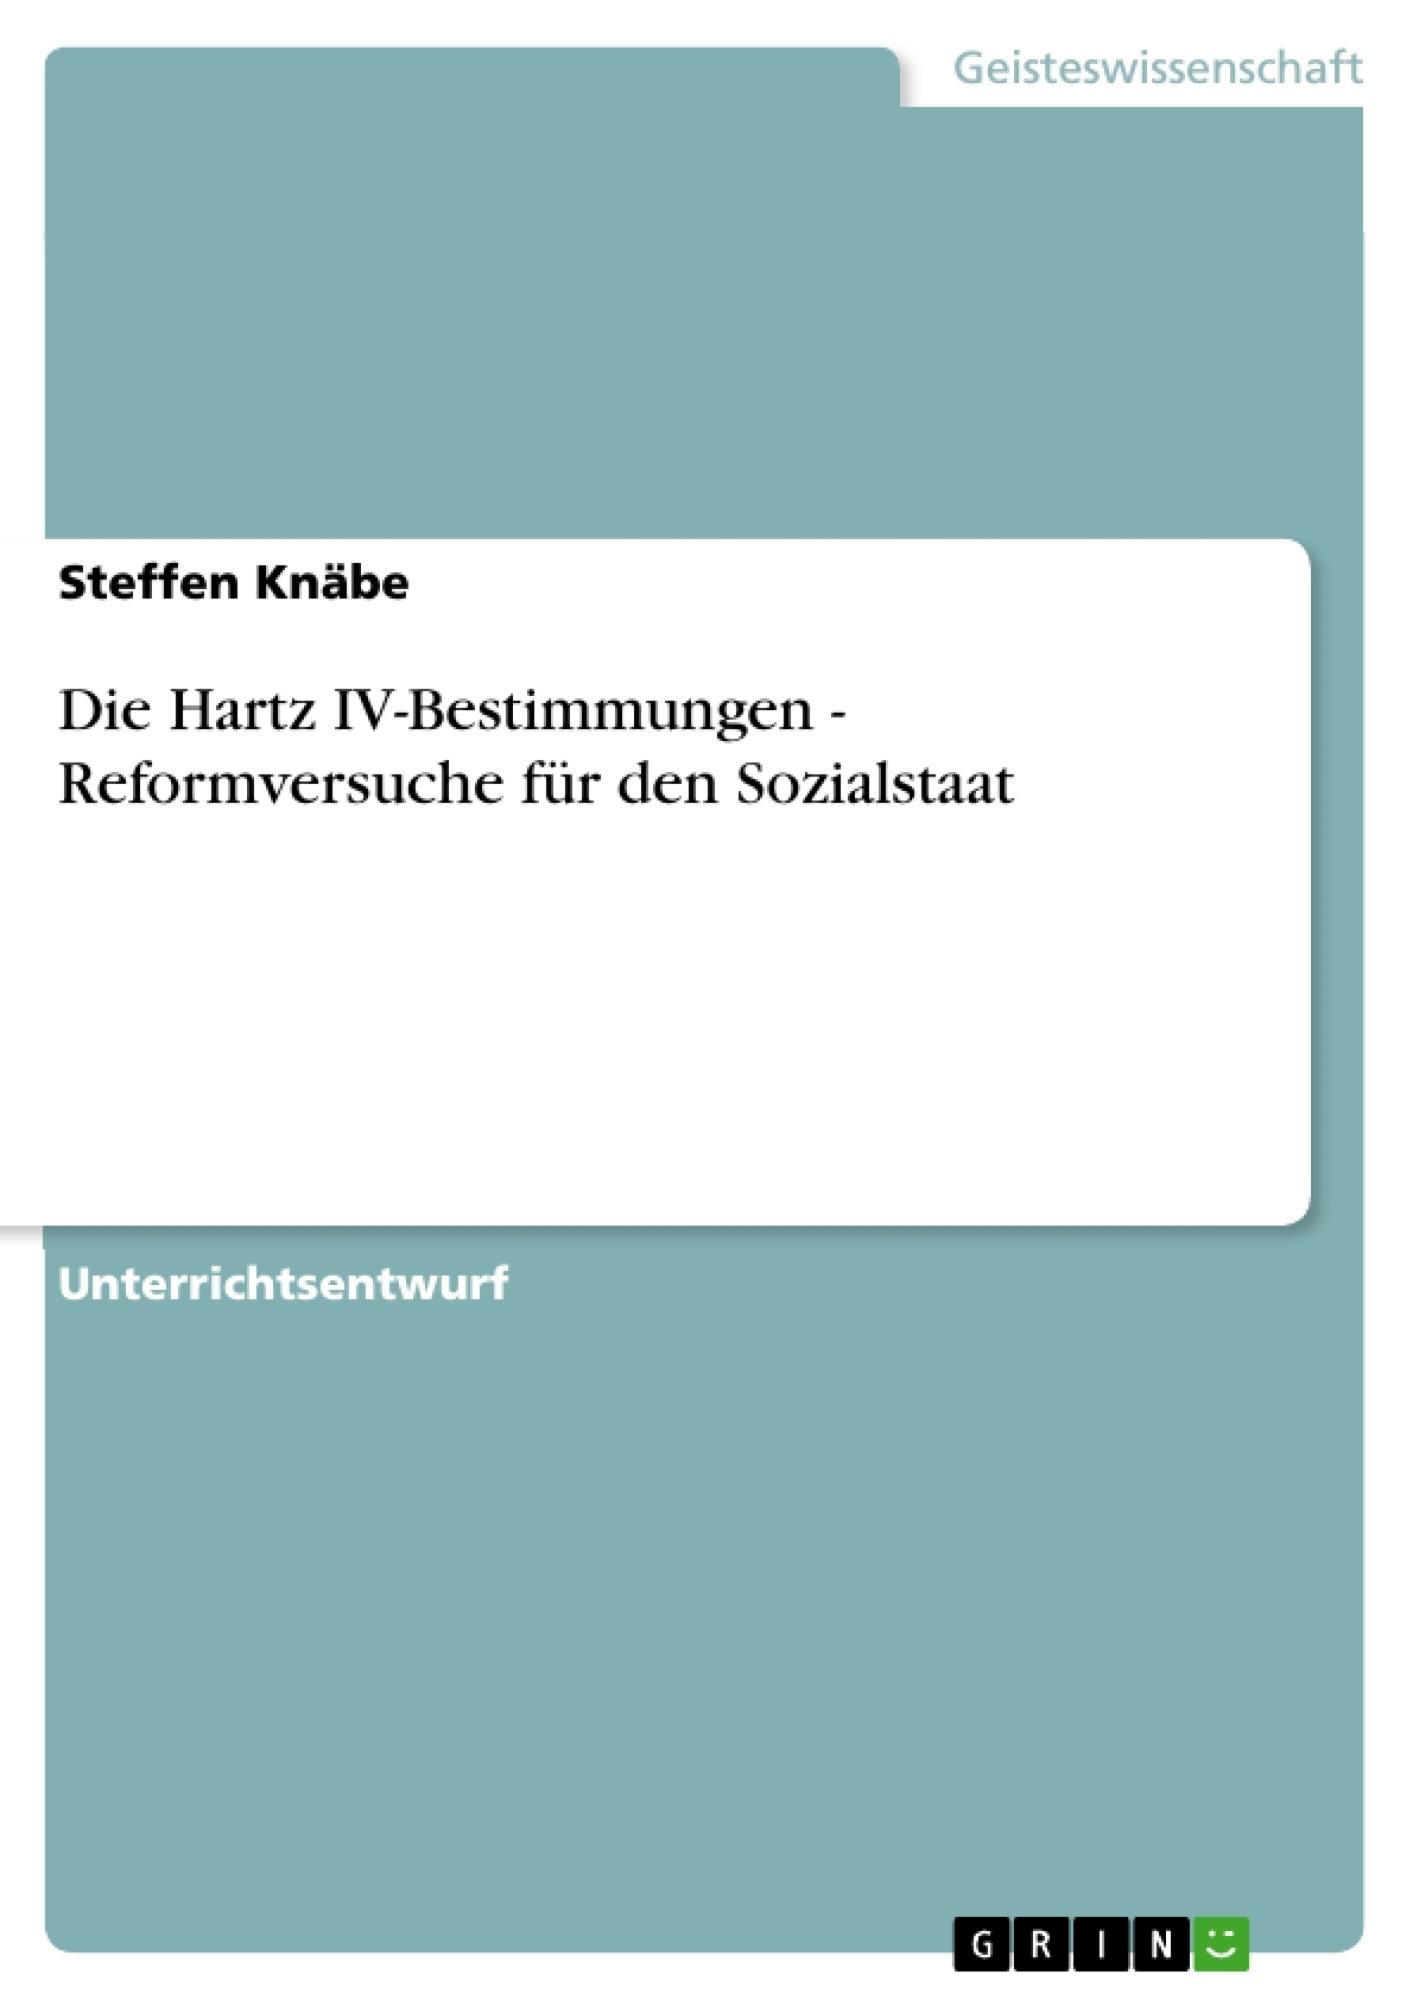 Titel: Die Hartz IV-Bestimmungen - Reformversuche für den Sozialstaat